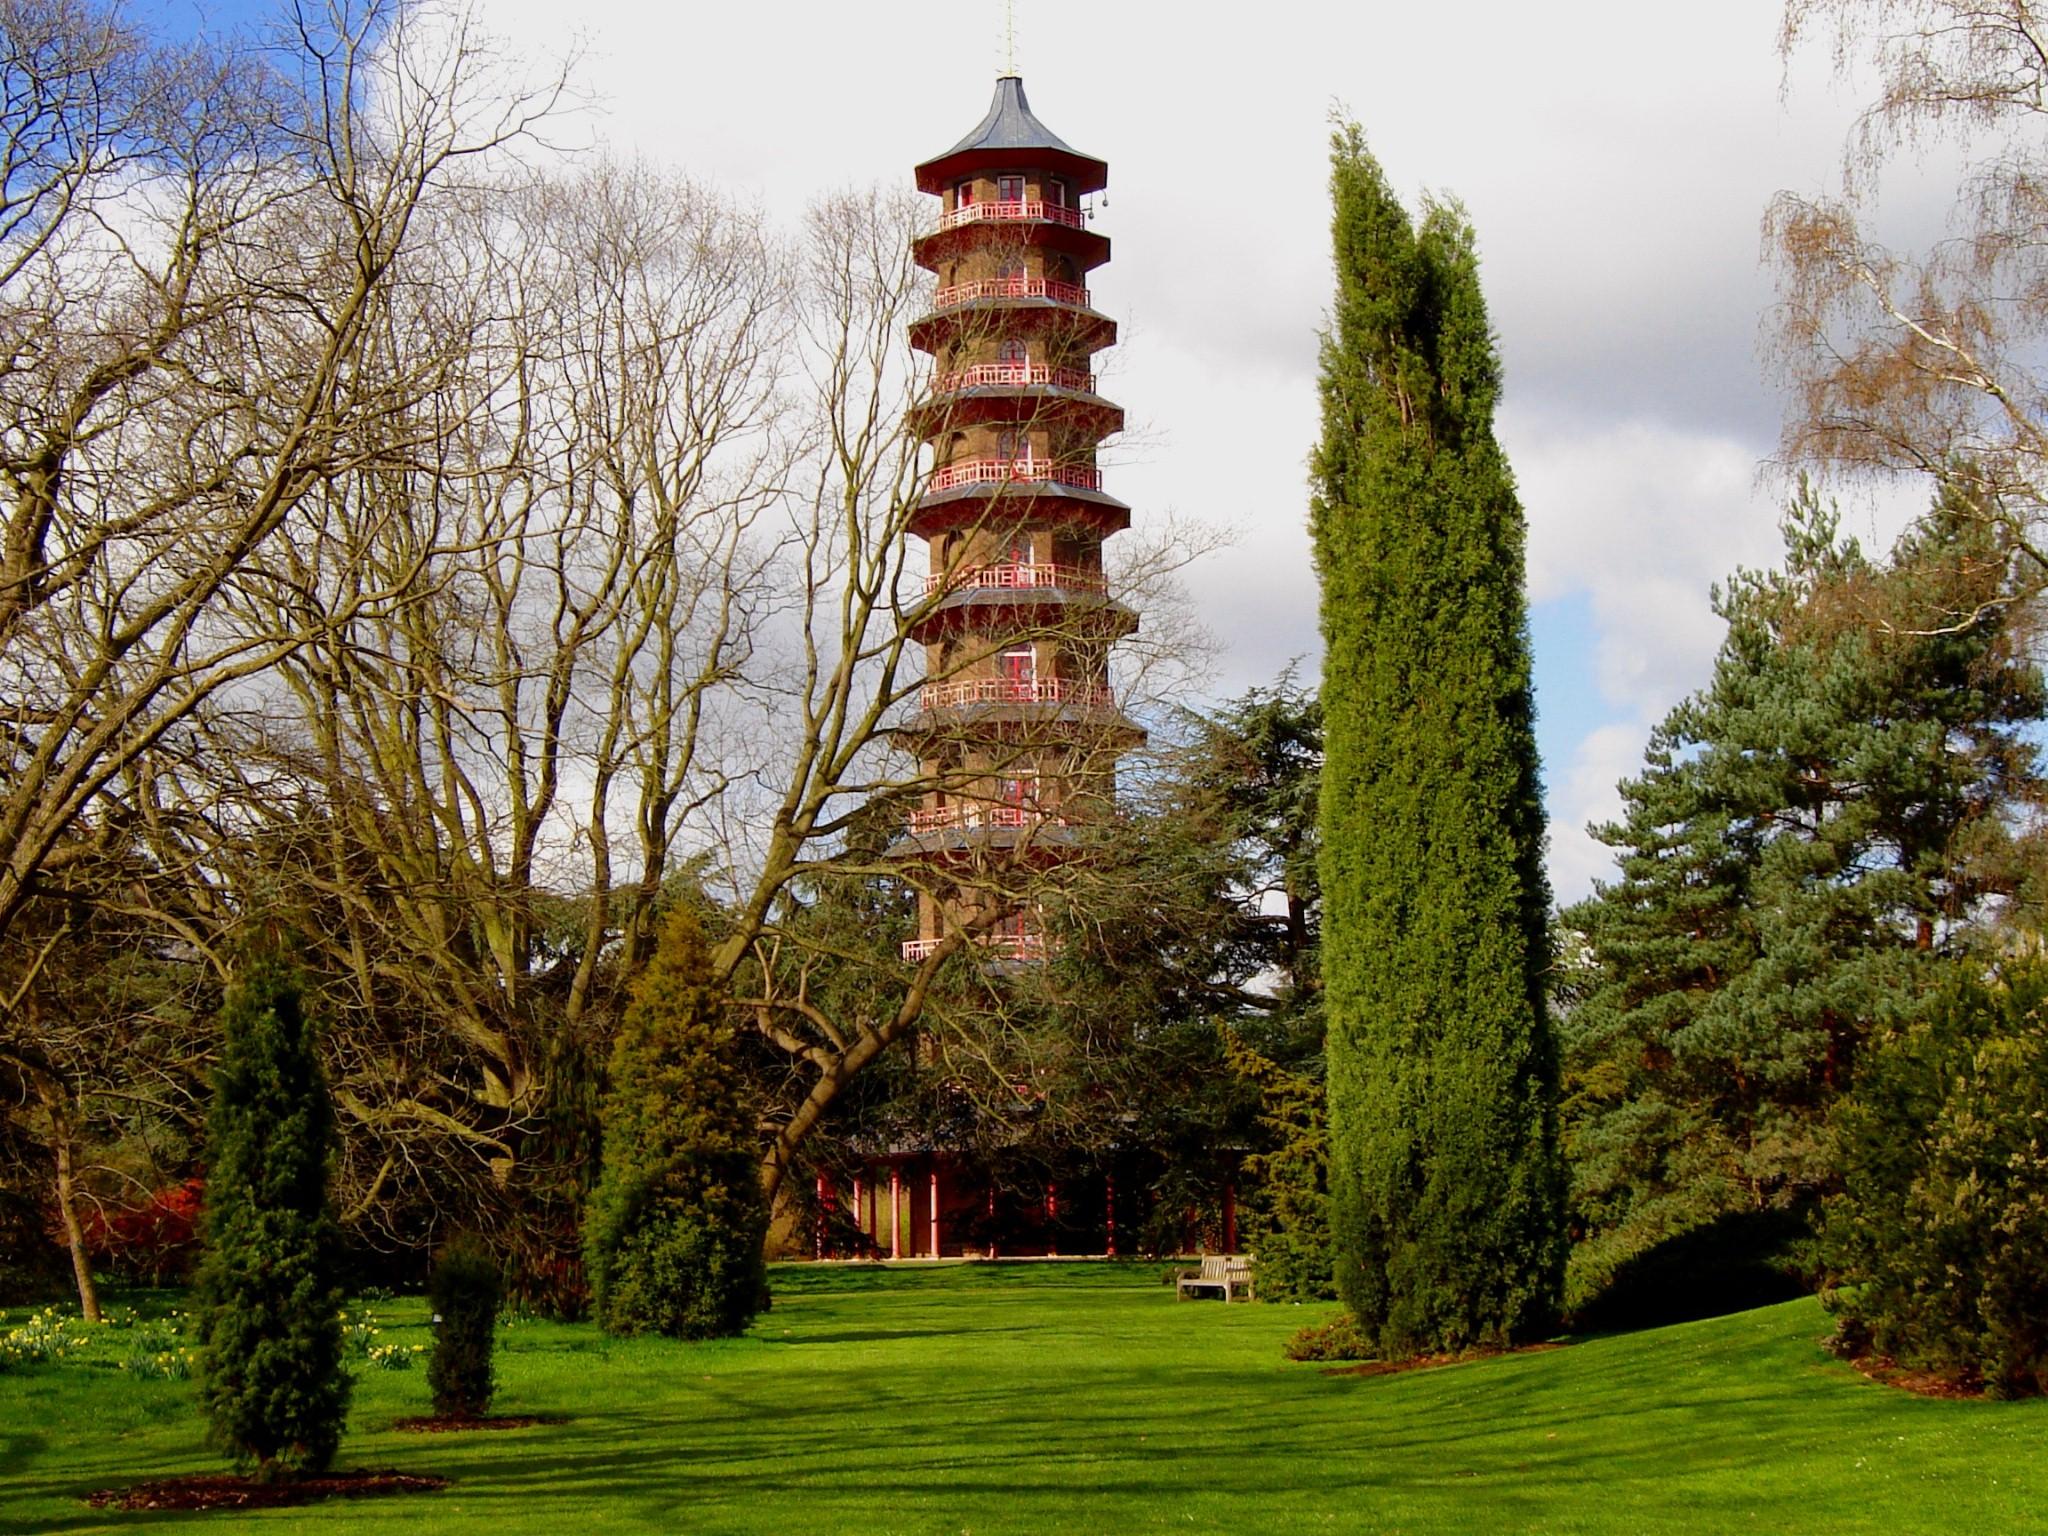 Pagoda Kew Gardens 2048 x 1536